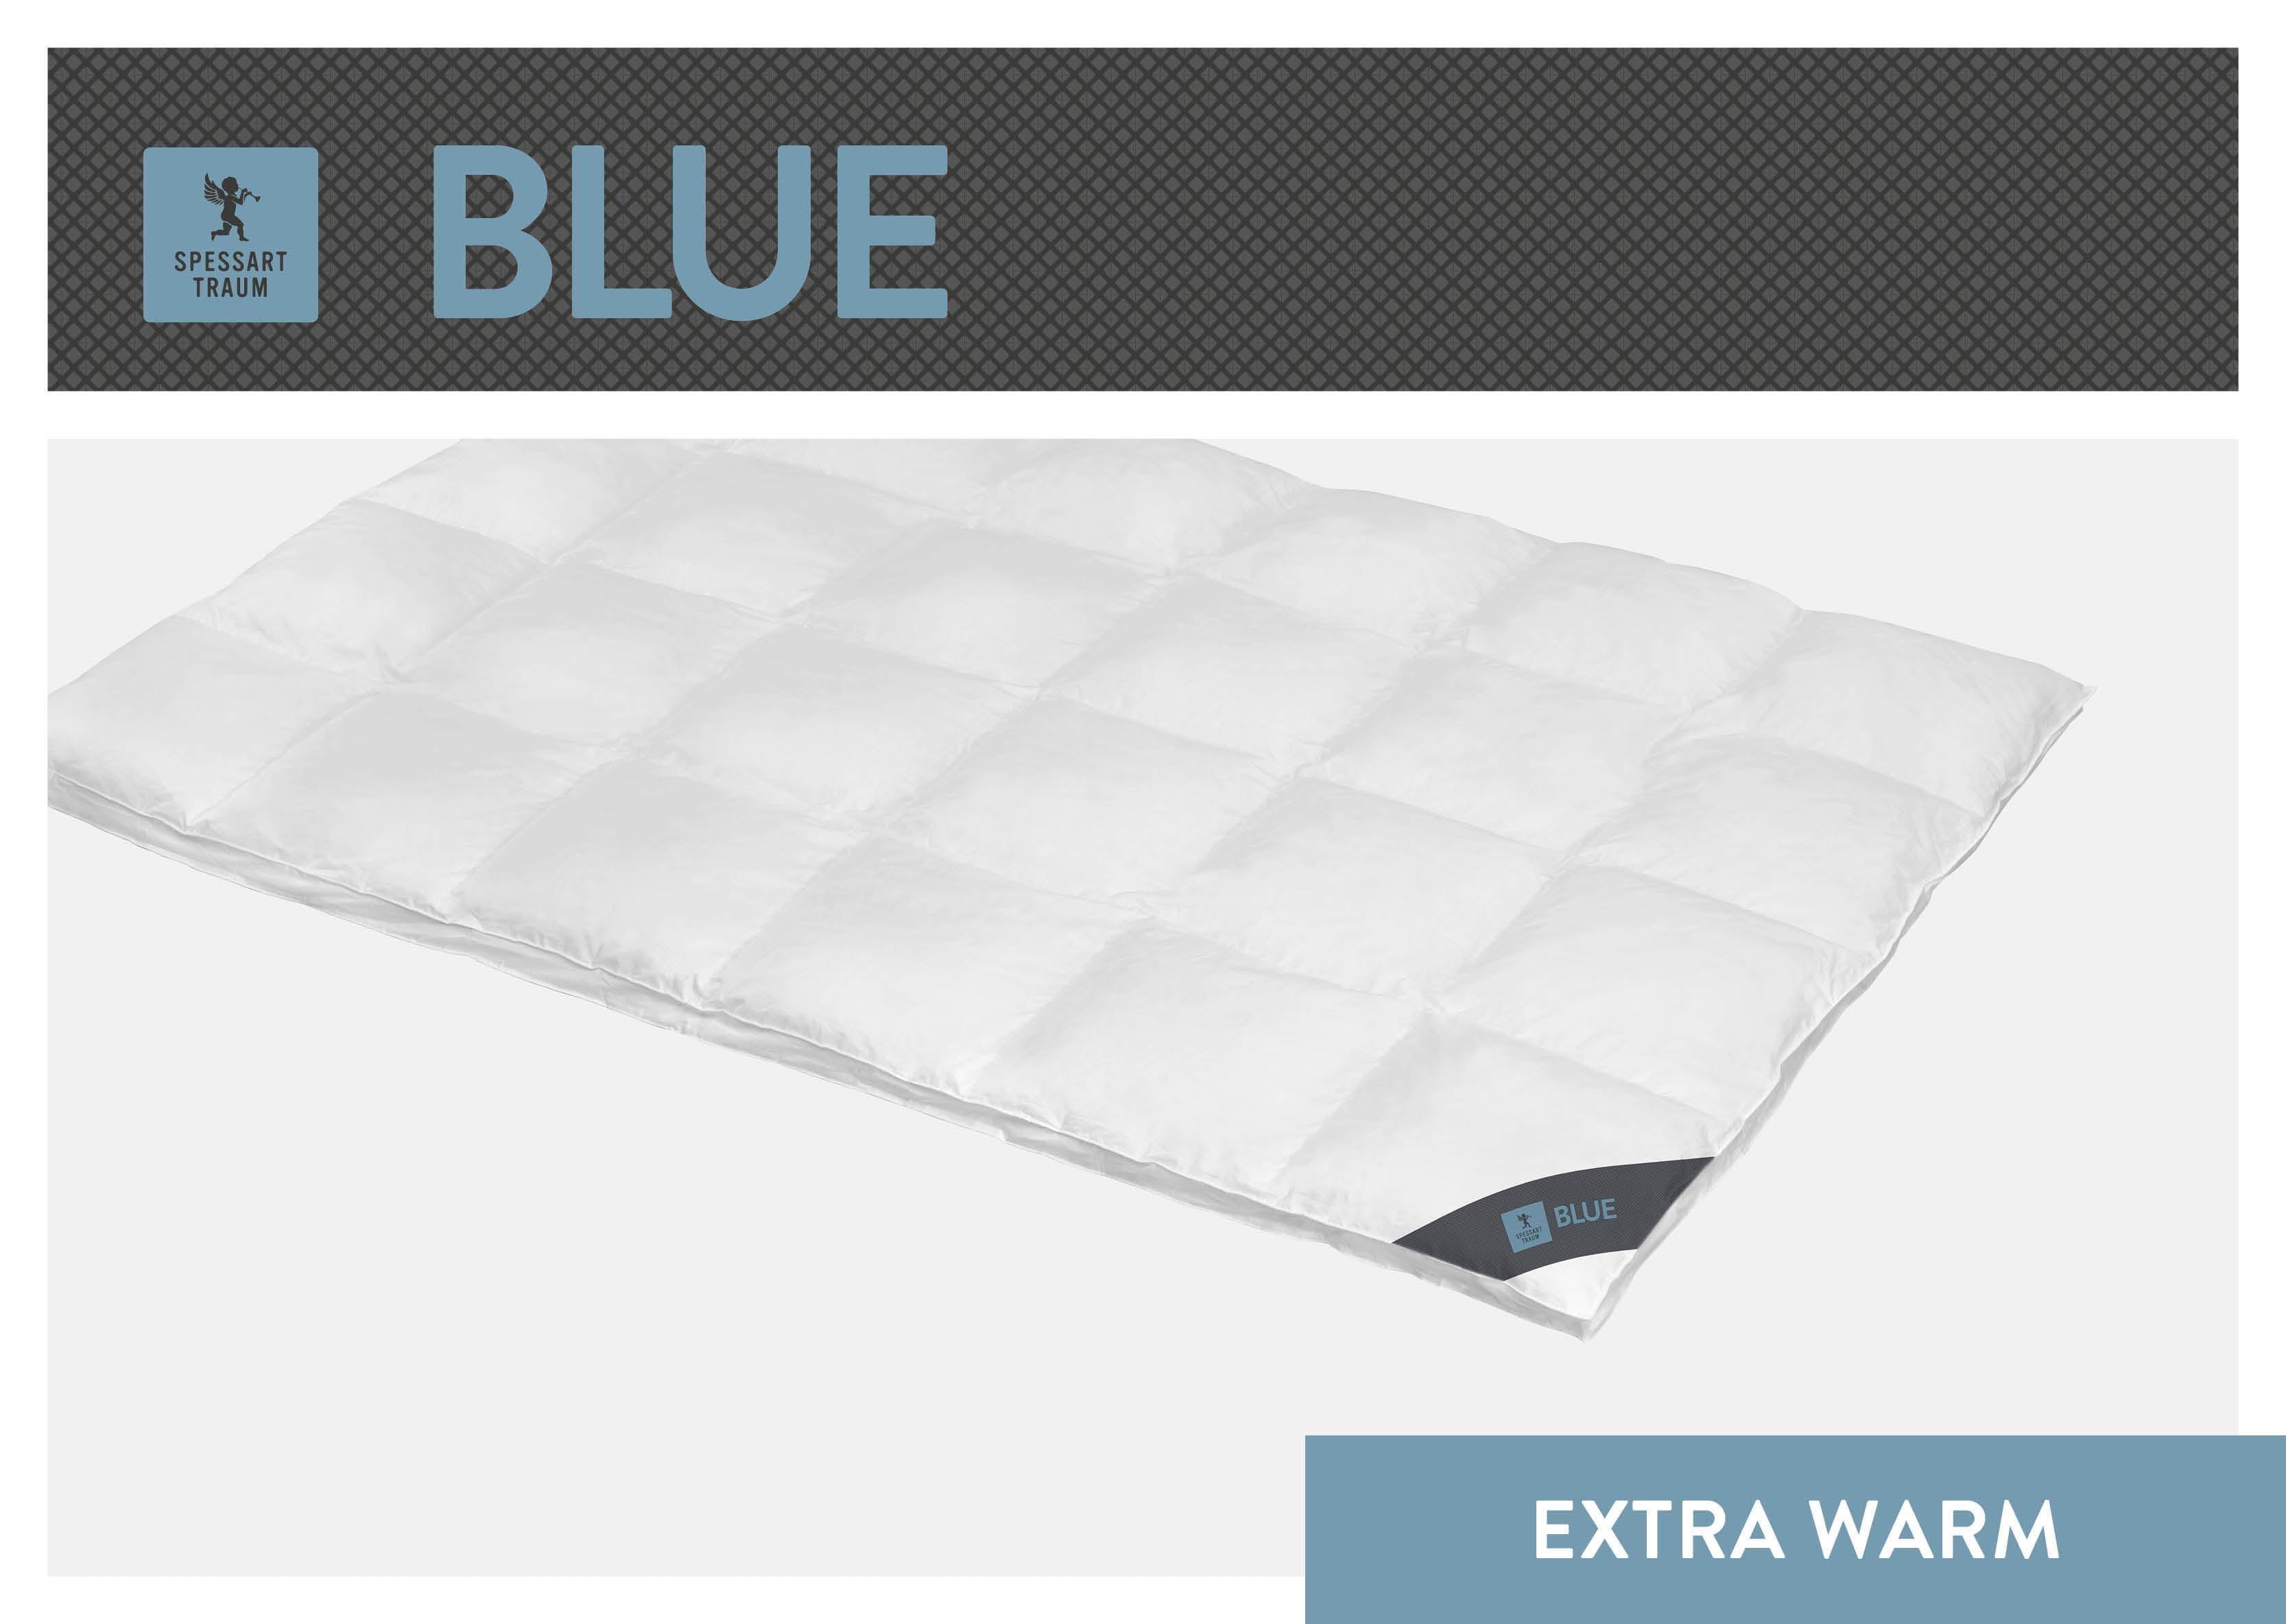 Daunenbettdecke Blue SPESSARTTRAUM extrawarm Füllung: 60% Daunen 40% Federn Bezug: 100% Baumwolle